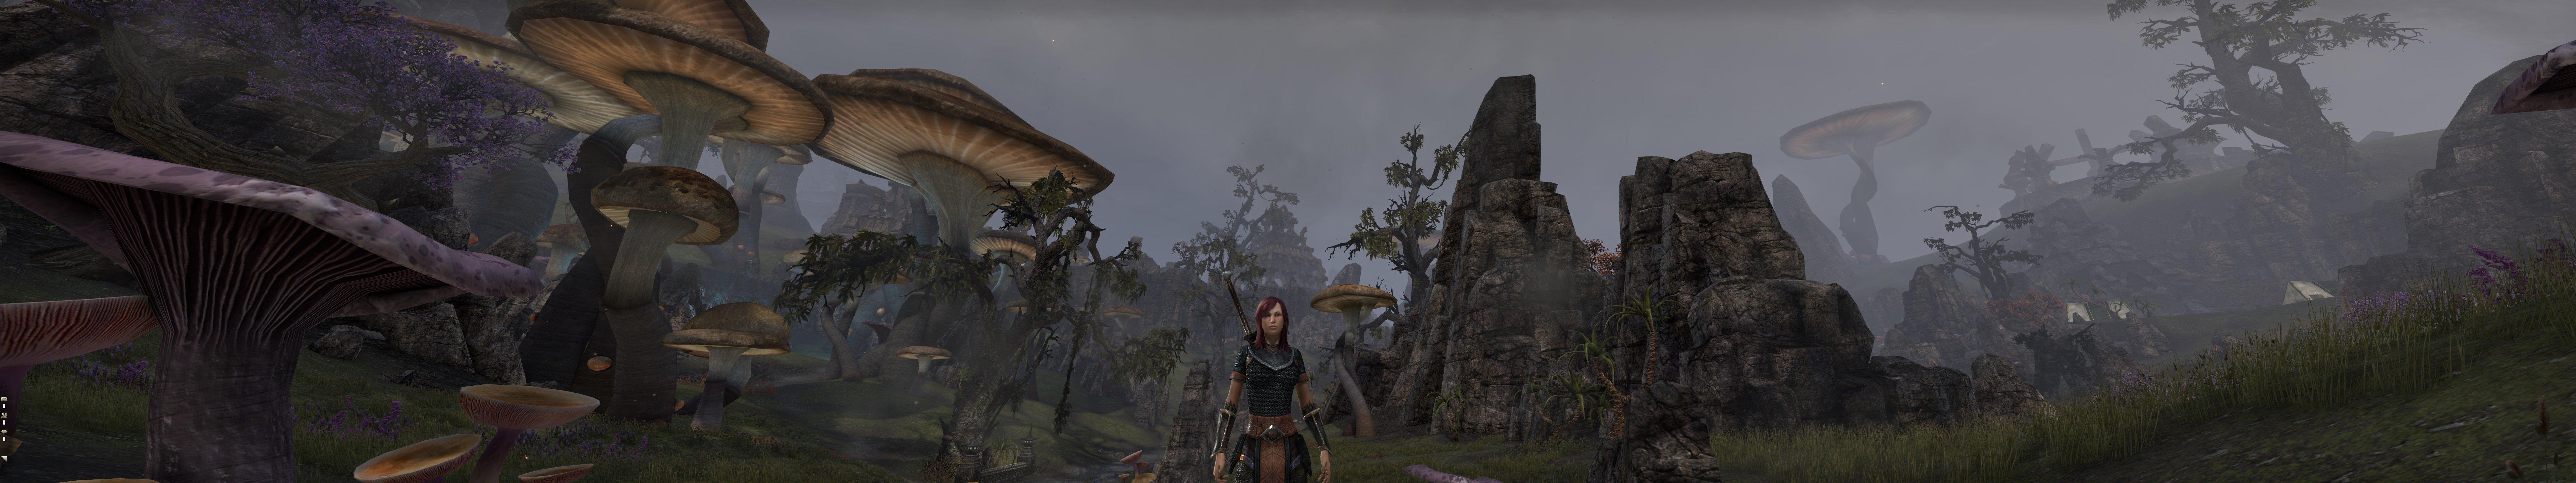 Пачка скриншотов из The Elder Scrolls Online на максимальных настройках в разрешении 7680x1440 - Изображение 12